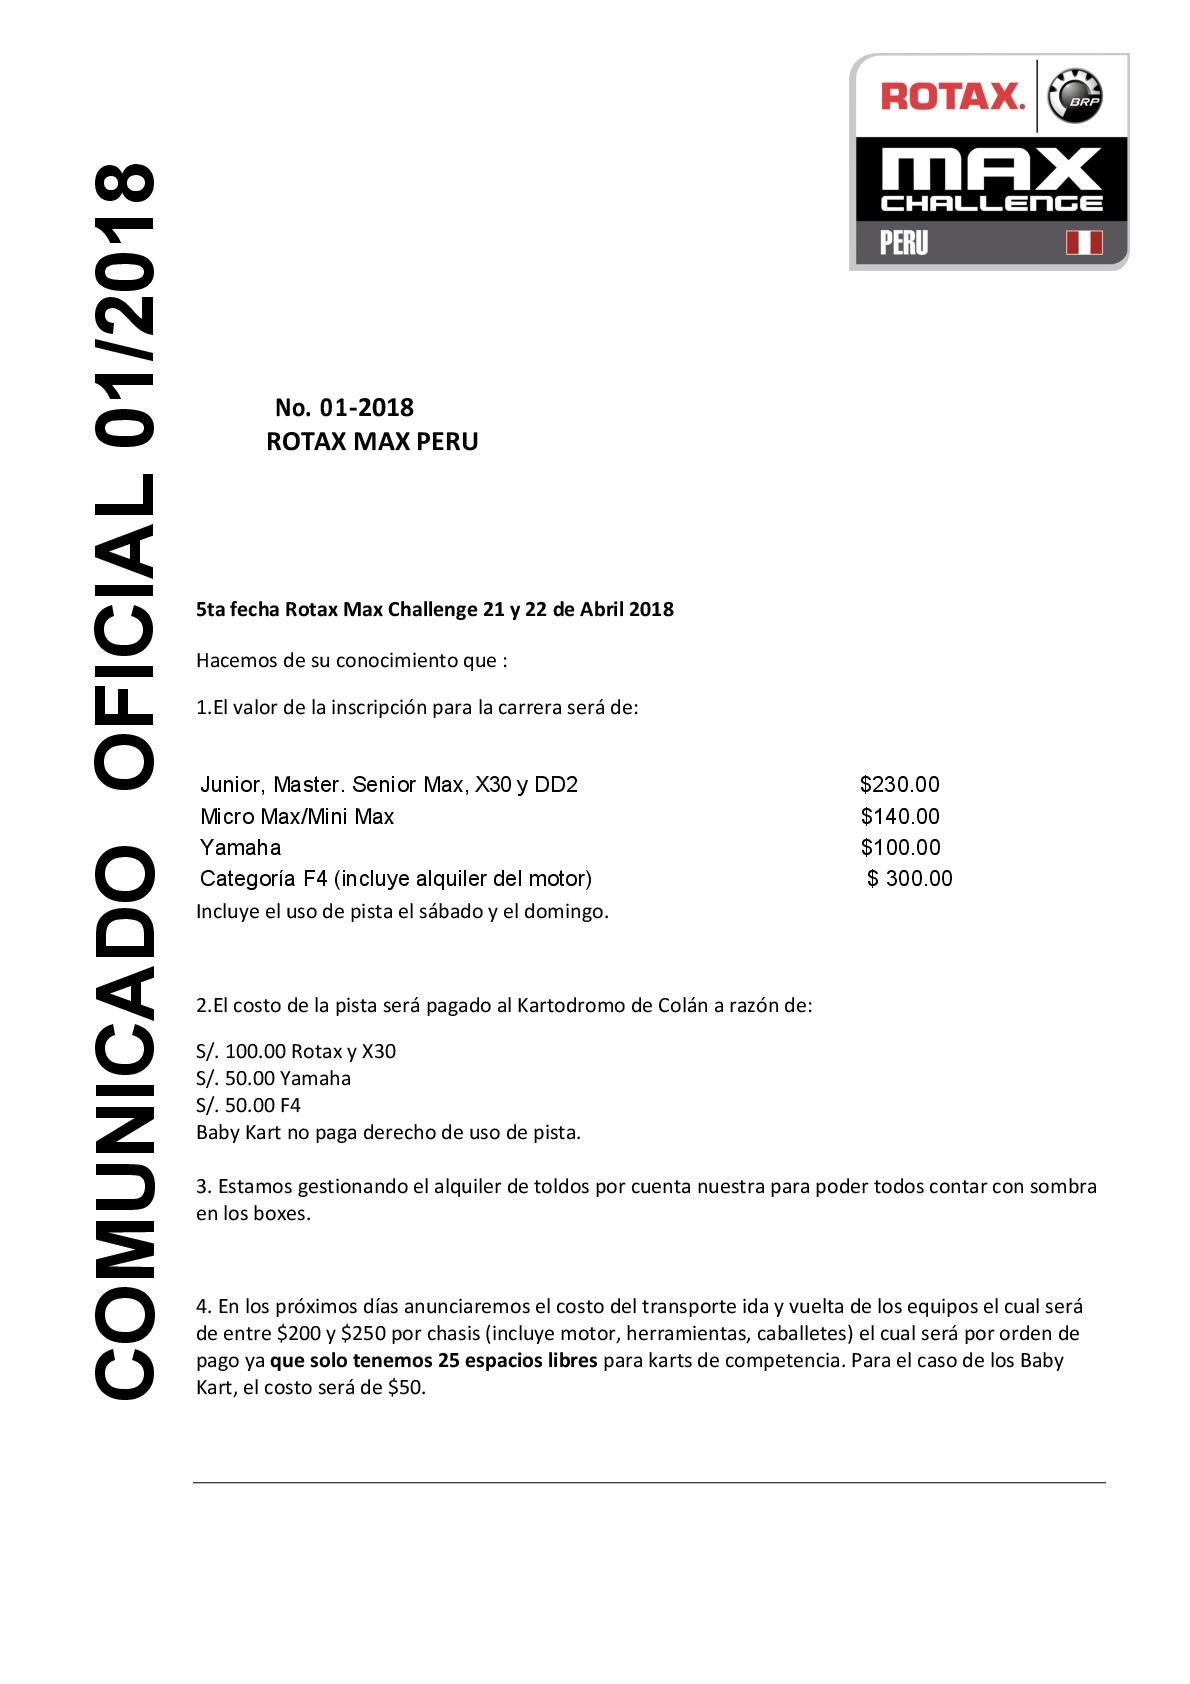 comunicado-01-2018-001